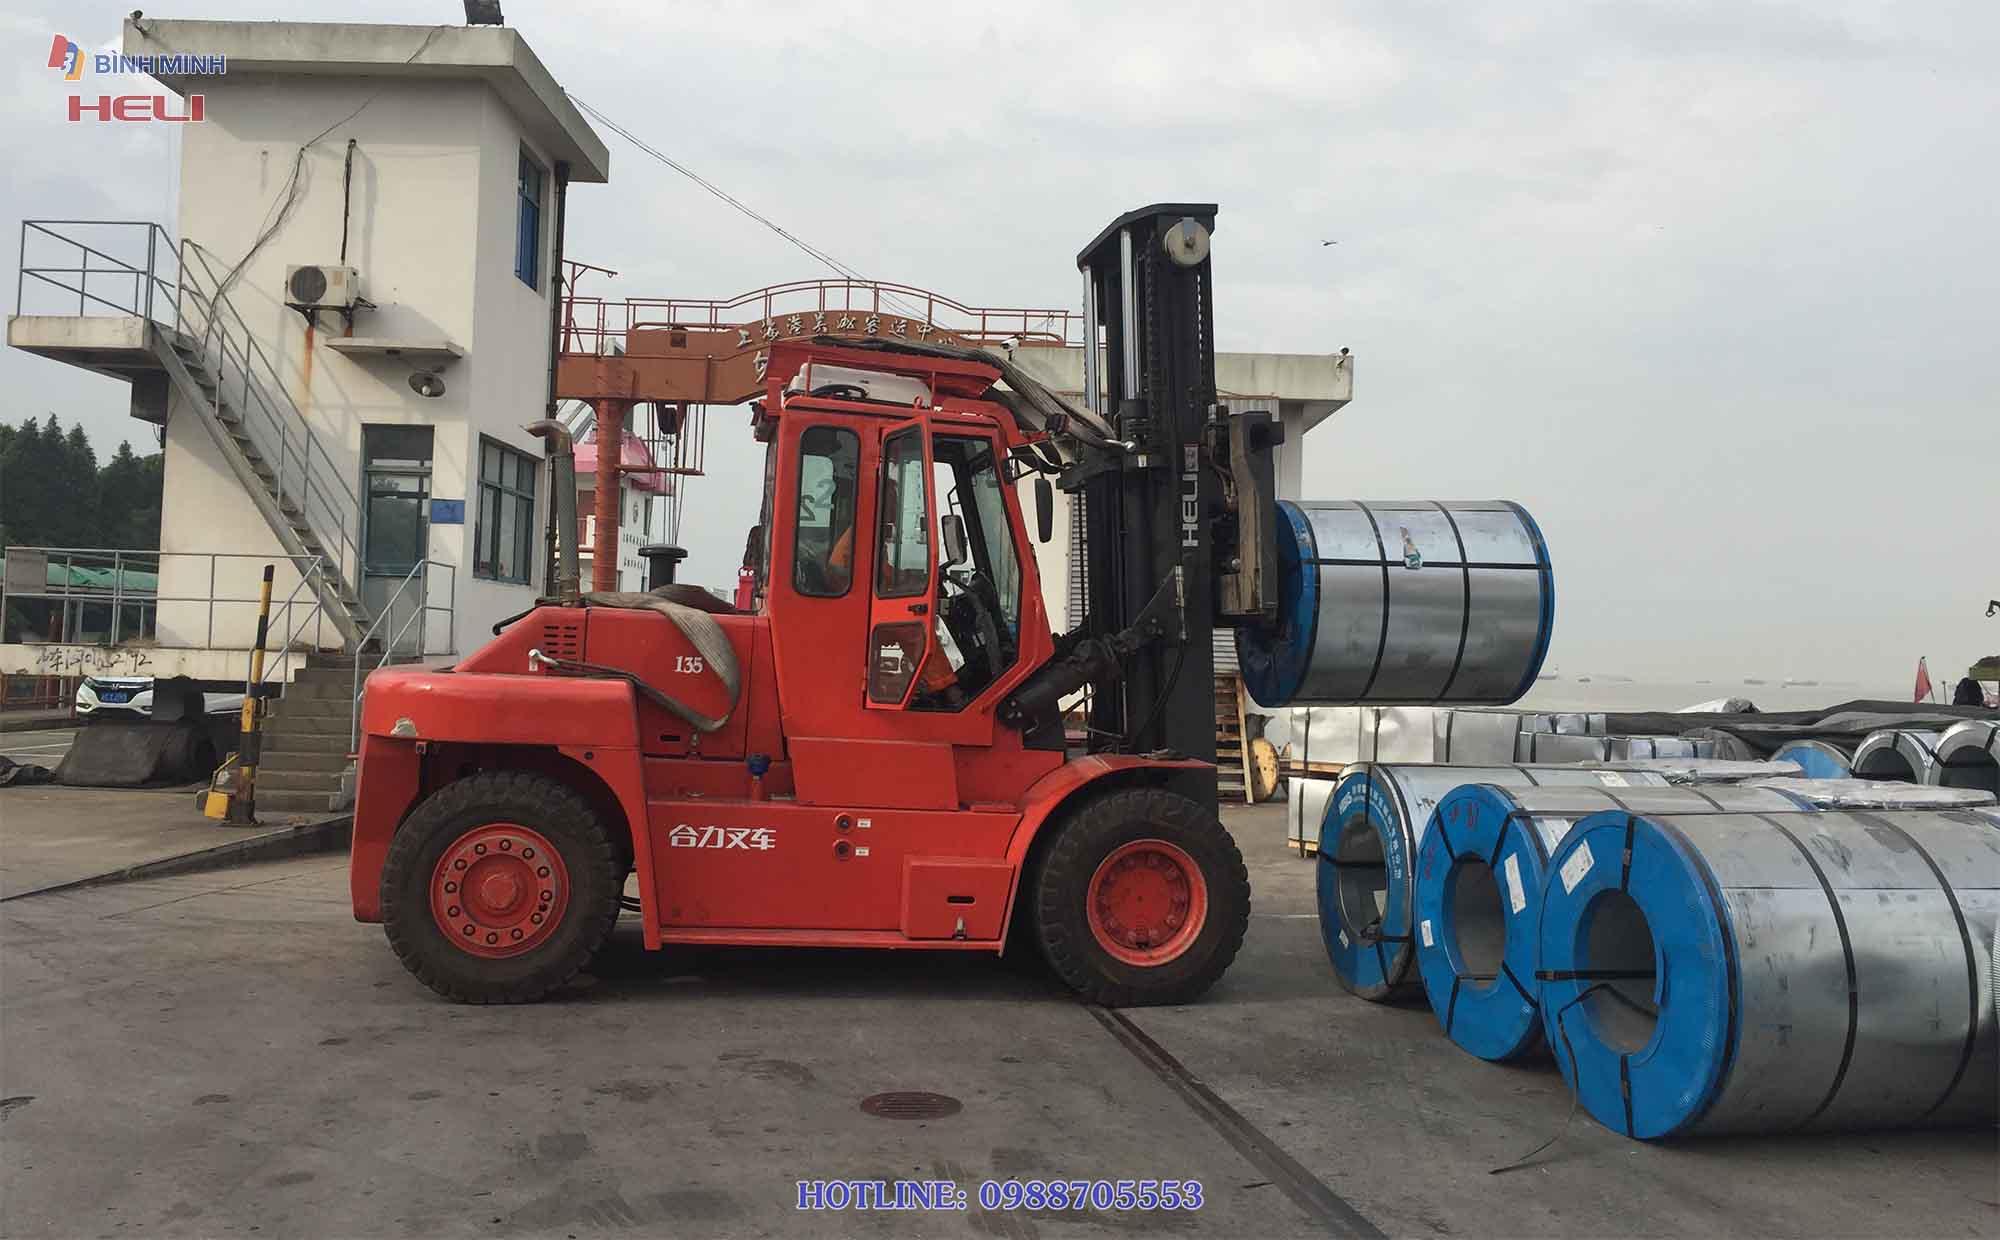 Xe nâng hàng HELI 13.5 tấn